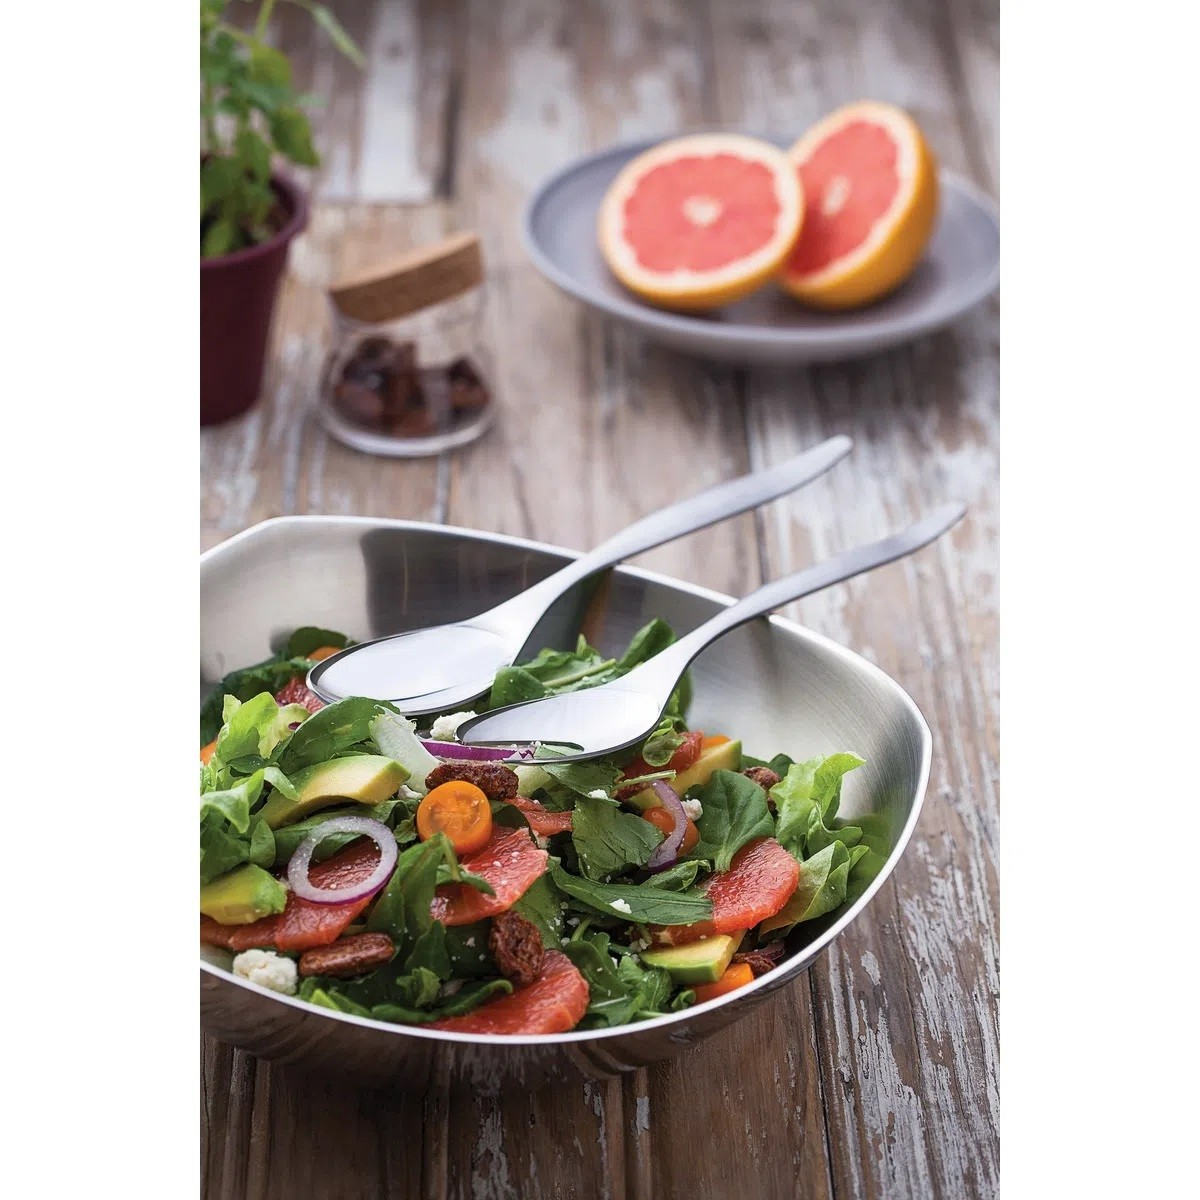 Jogo Aço Inox Para Salada 3pcs TR3S  - Sua Casa Gourmet e Cia